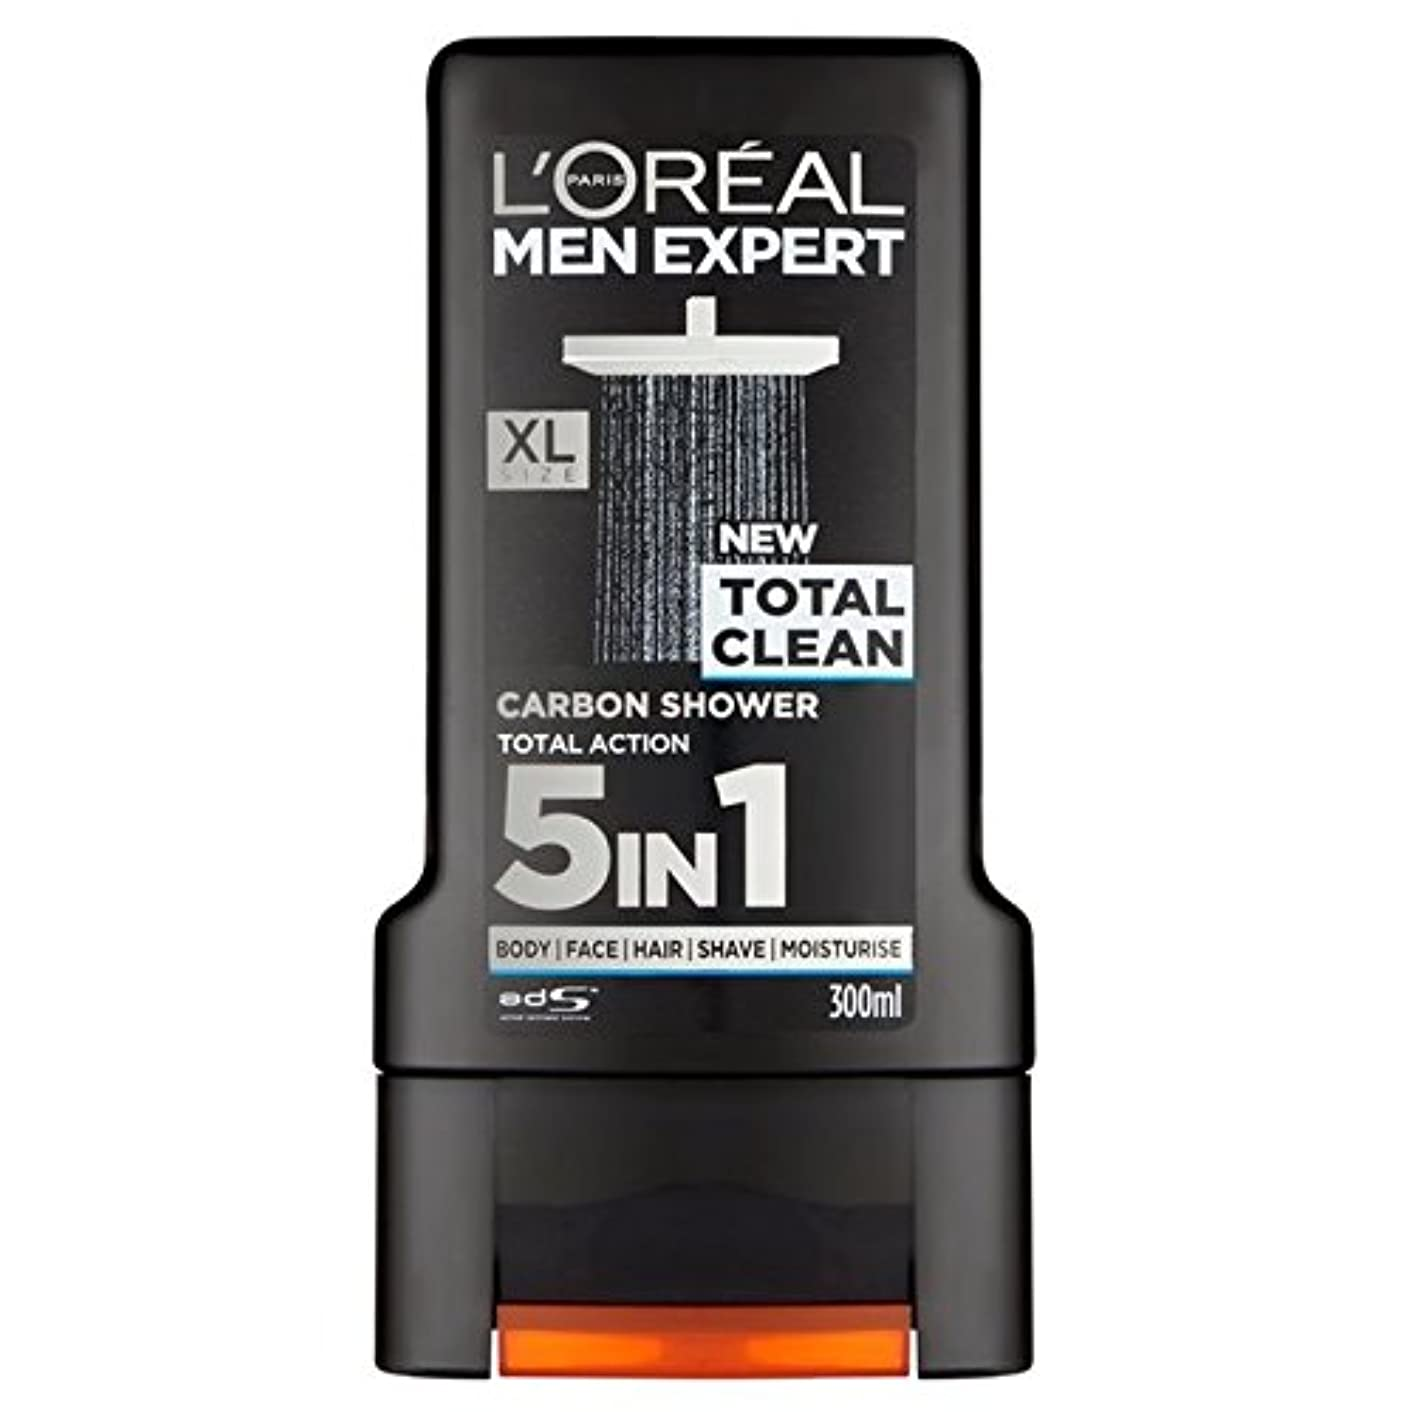 ひねり打たれたトラックの面ではロレアルパリのメンズ専門トータルクリーンシャワージェル300ミリリットル x4 - L'Oreal Paris Men Expert Total Clean Shower Gel 300ml (Pack of 4) [並行輸入品]